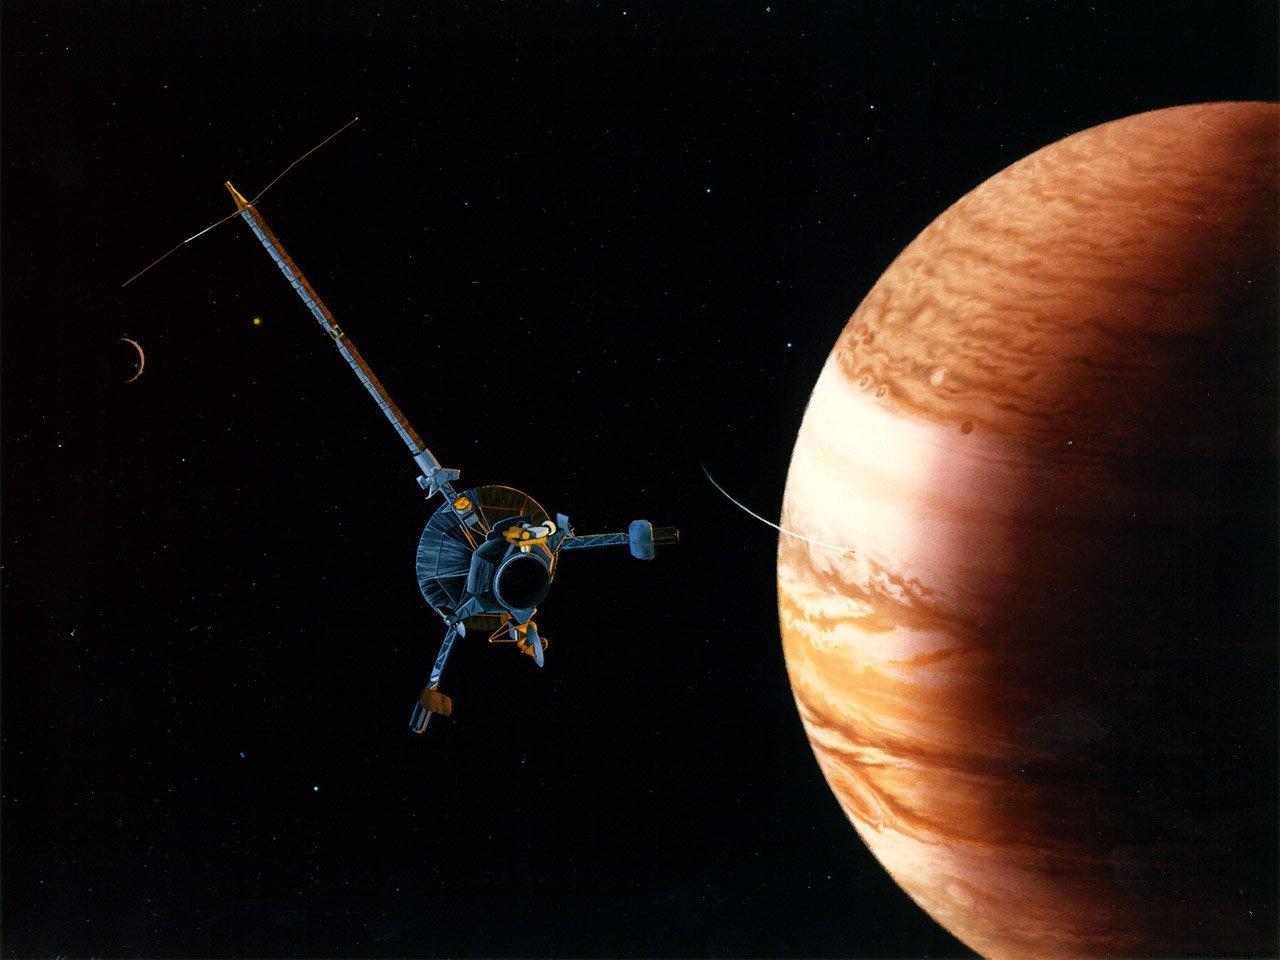 http://3.bp.blogspot.com/-MwxvKGtCrI4/TZjzO1zlx_I/AAAAAAAAALA/bPS6BPW0nDQ/s1600/Galileo_Jupiter_Arrival_2662_1280_960.jpg